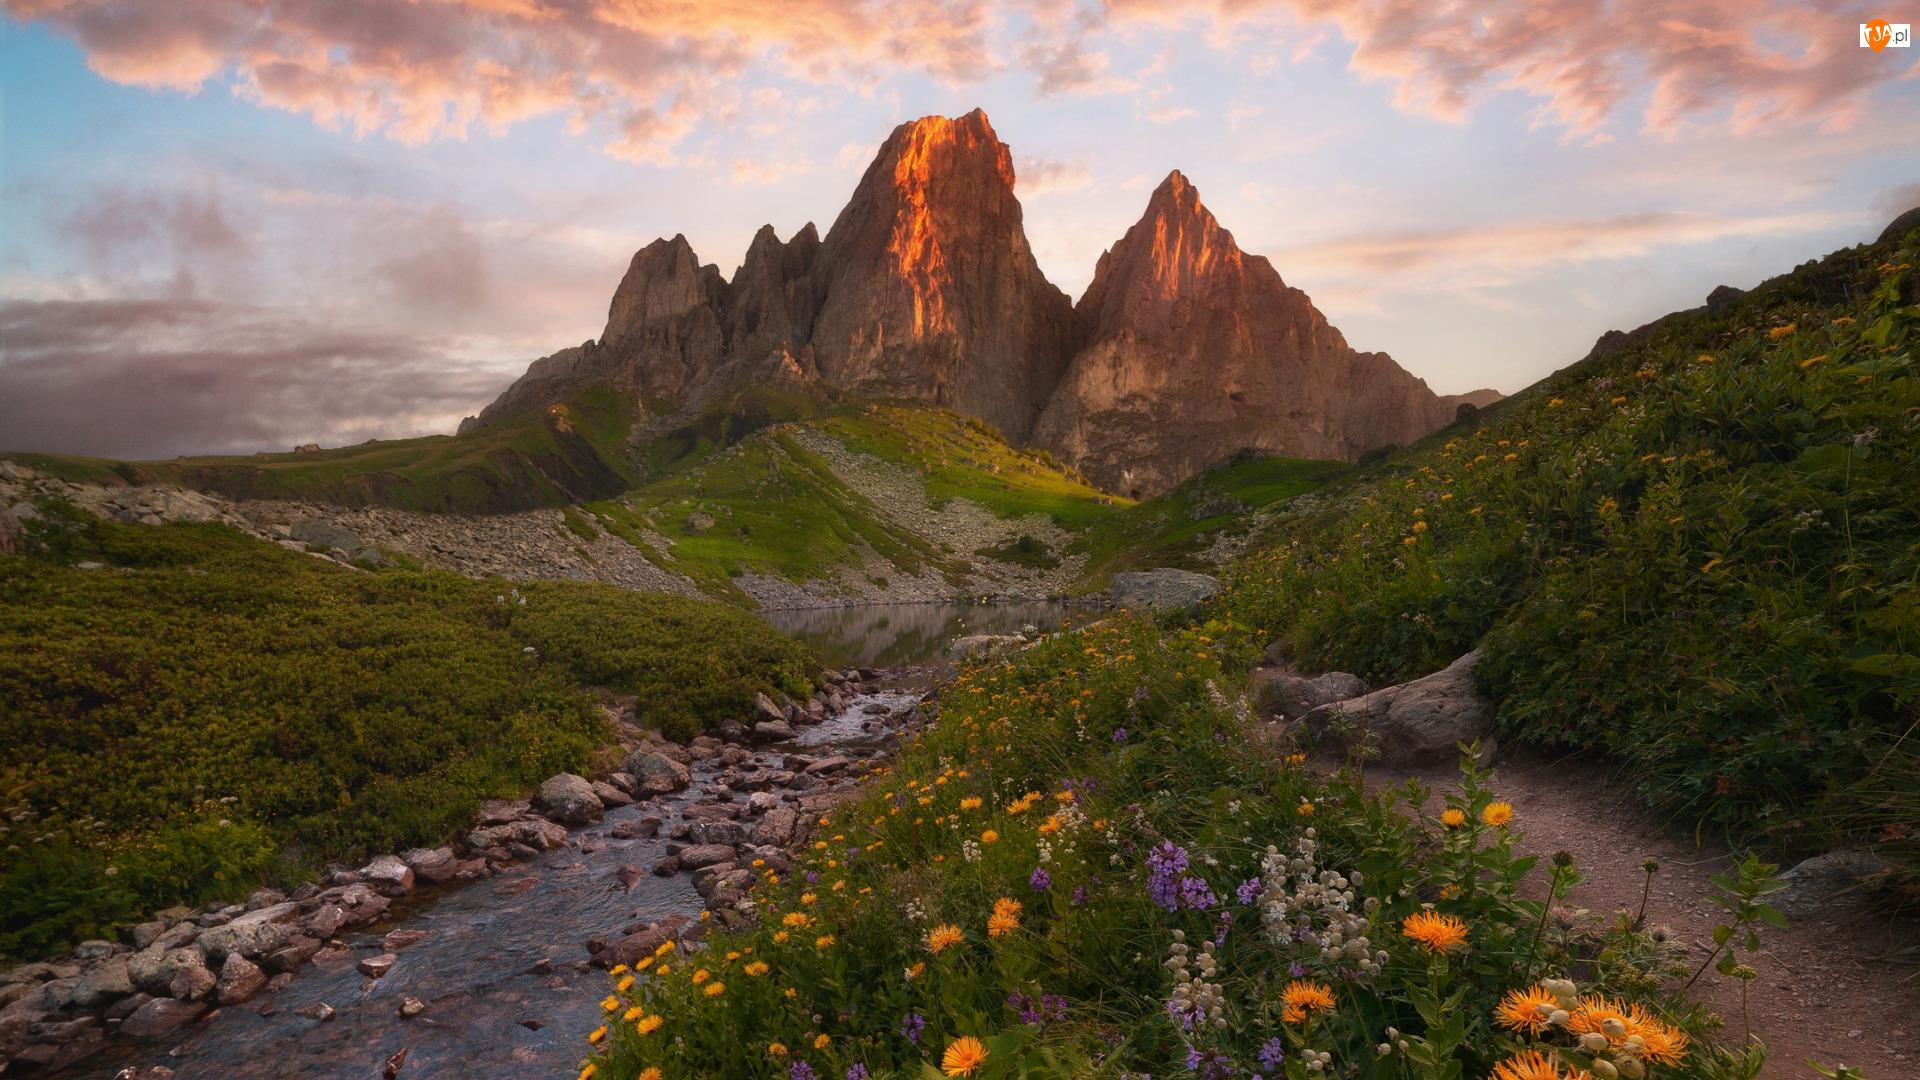 Góry, Tsey Loam, Rosja, Kaukaz Północny, Inguszetia, Kwiaty, Strumień